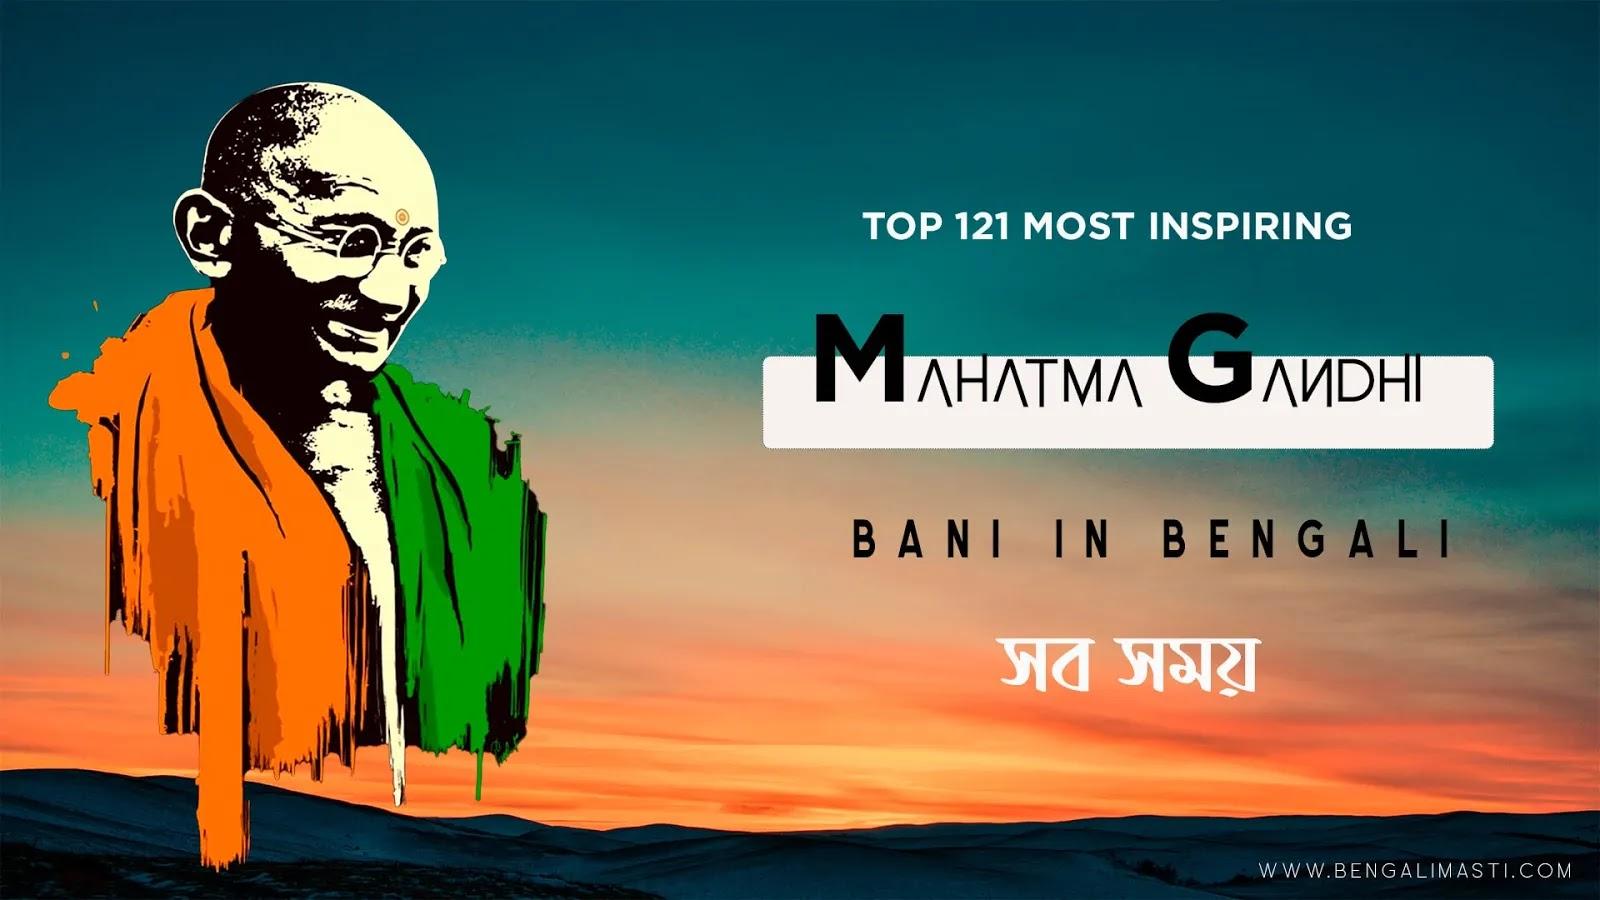 Mahatma Gandhi Bani in Bengali